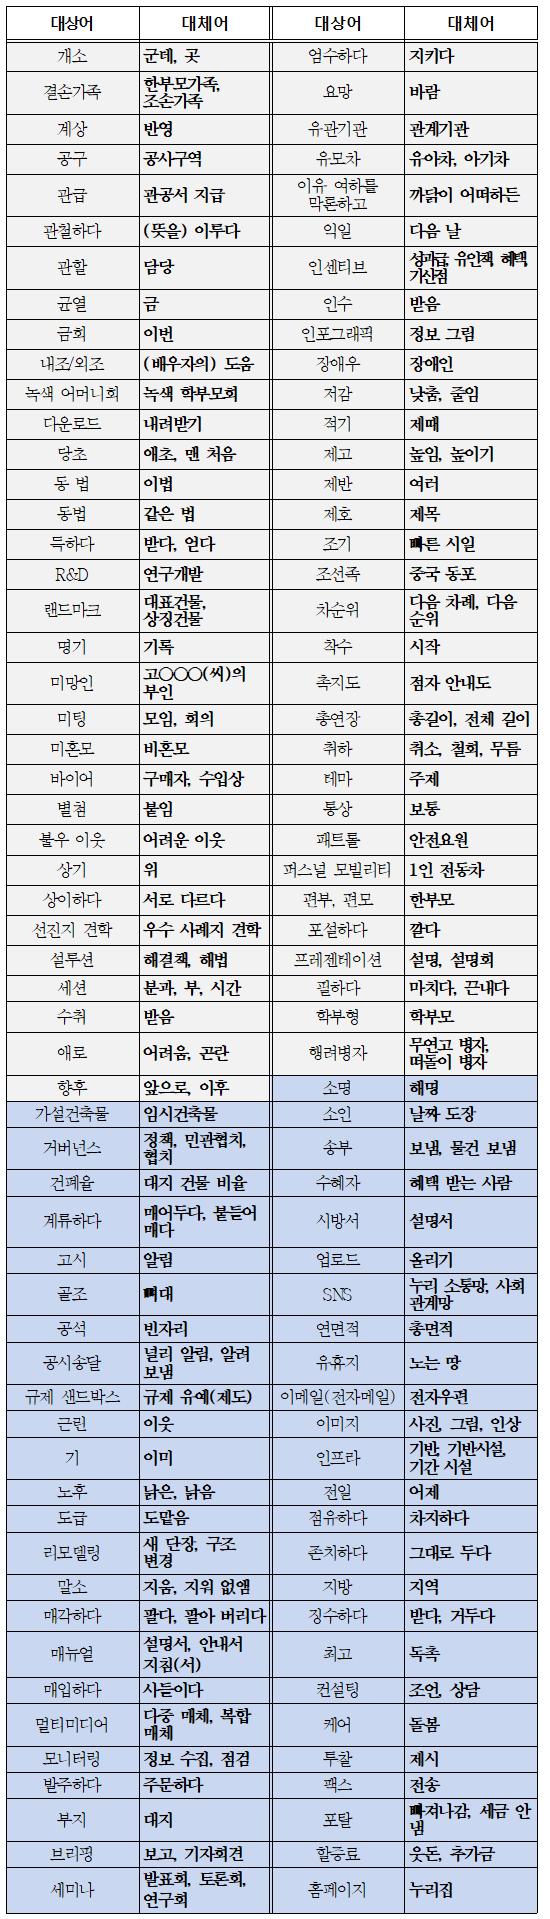 경기도가 선정한 공공언어 개선 대상 및 대체어 목록이다.ⓒ경기도